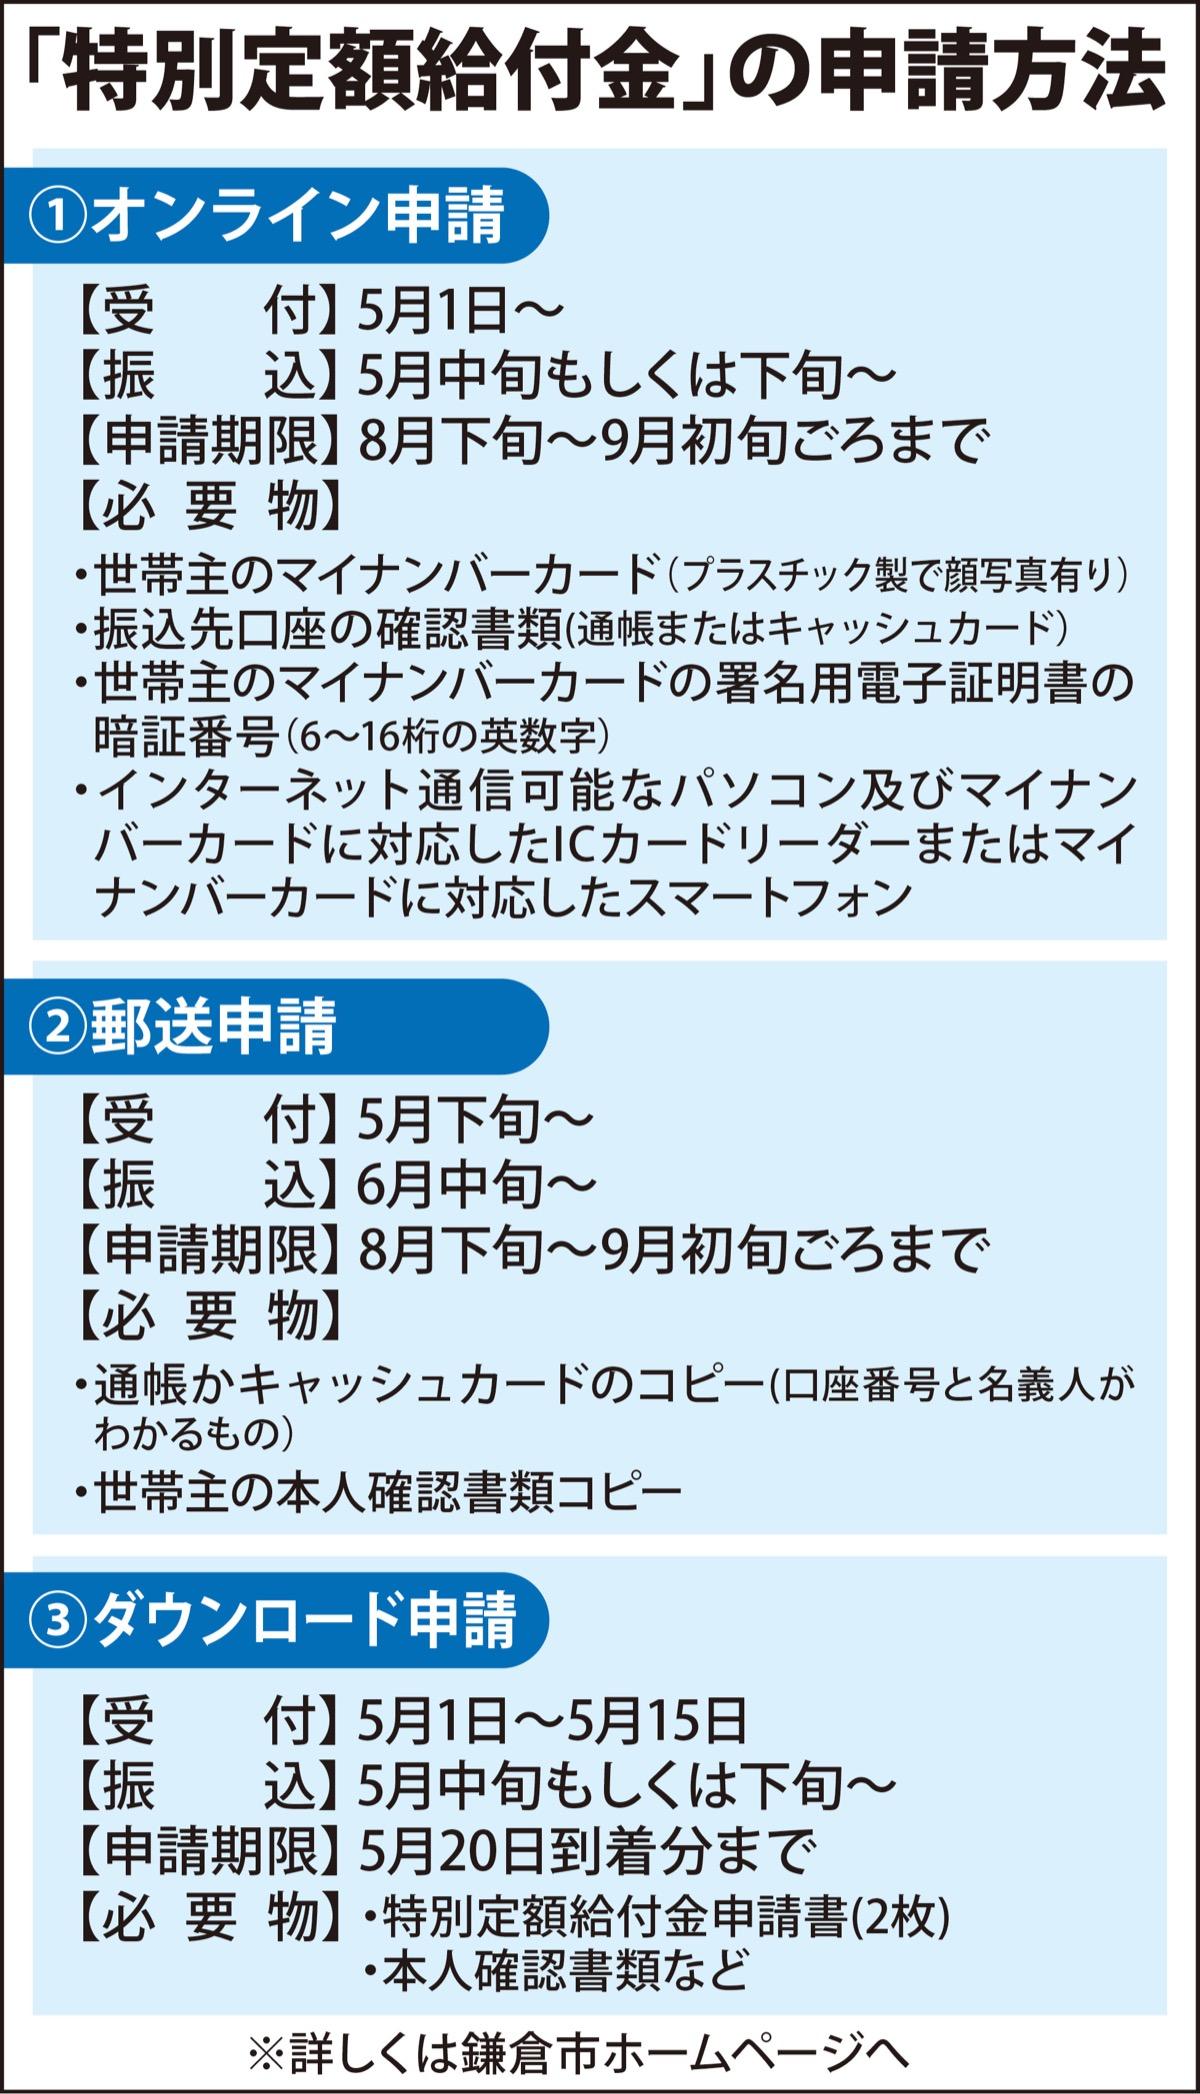 鎌倉市 10万円給付 申請開始 5月中旬から順次振込 鎌倉 タウンニュース